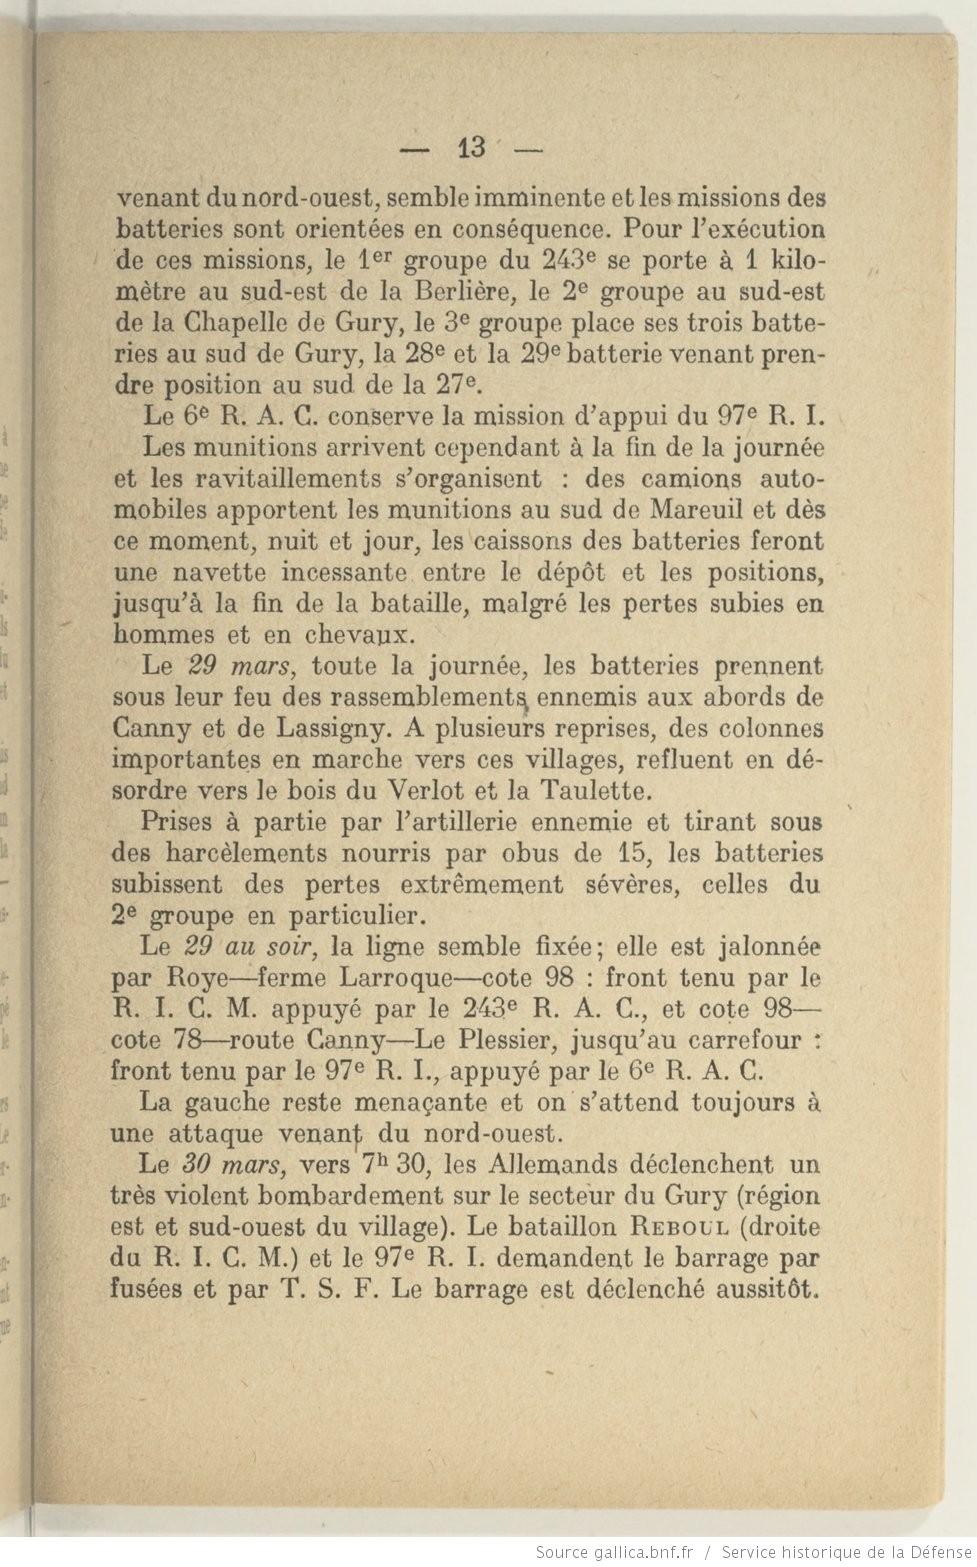 Historique du 243e regiment d artillerie bpt6k6227229k